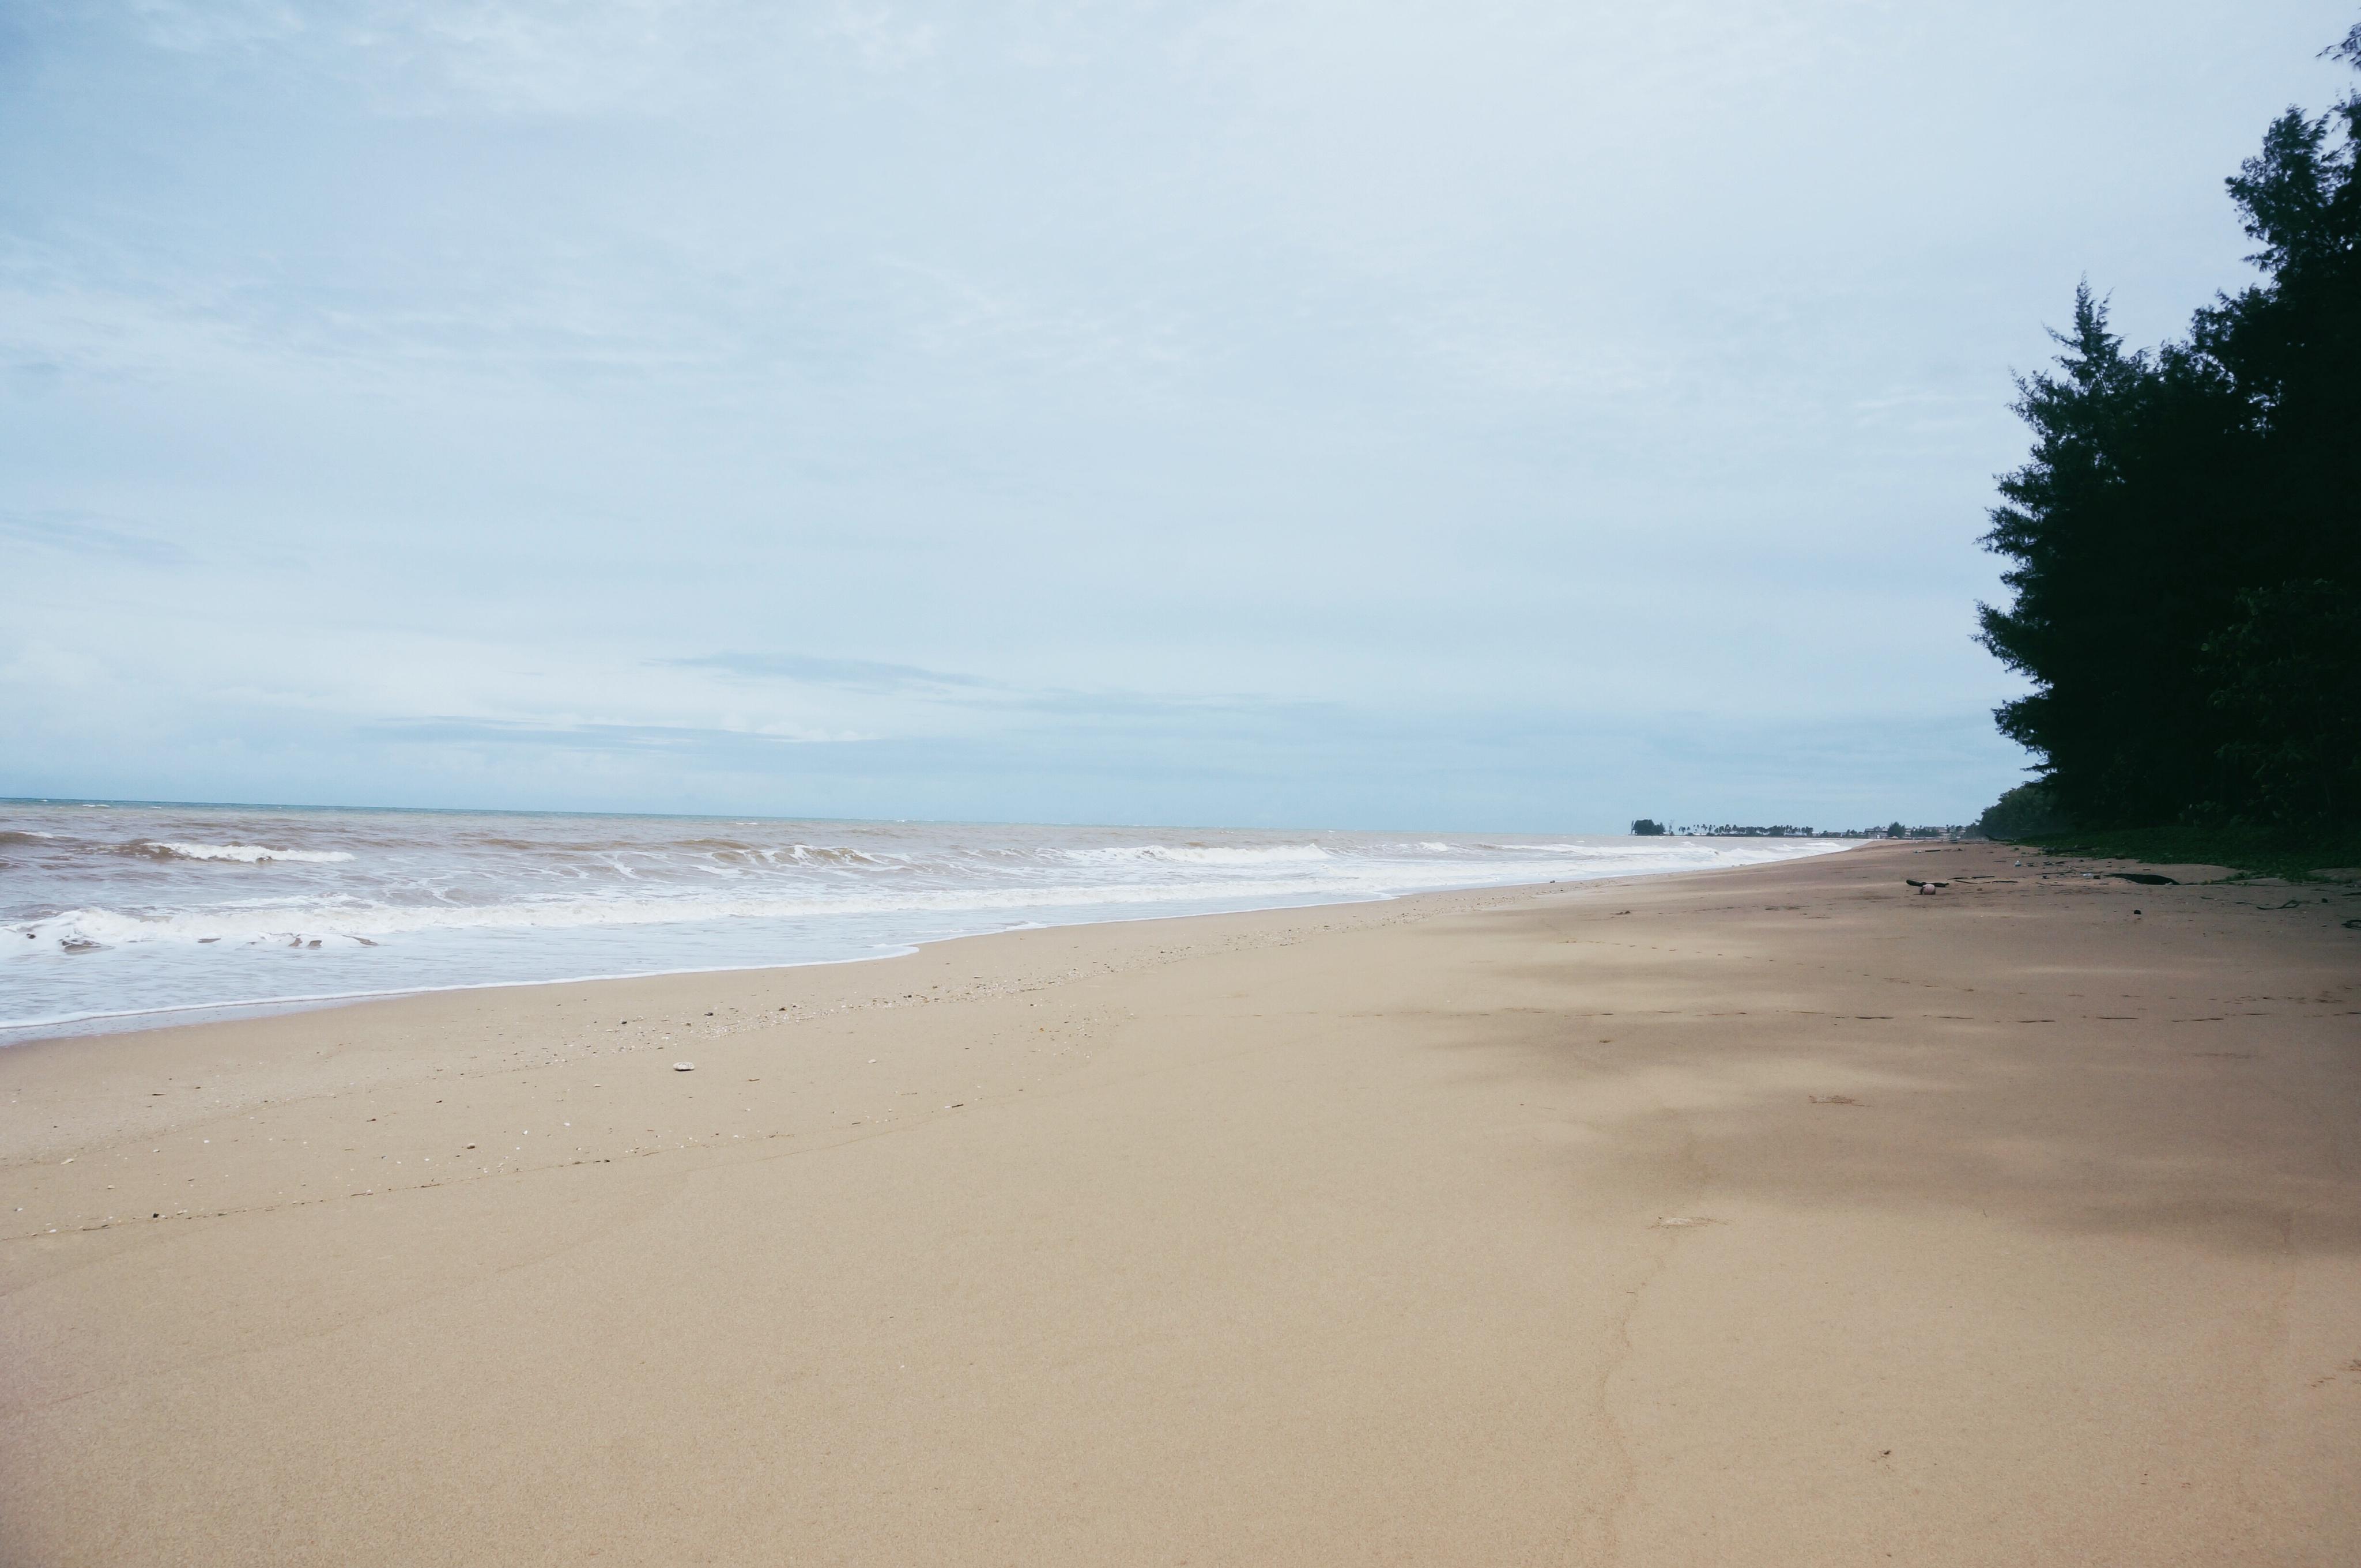 einsamer Strand in Thailand, Sandstrand, keine Touristen, Abseits von Touristen